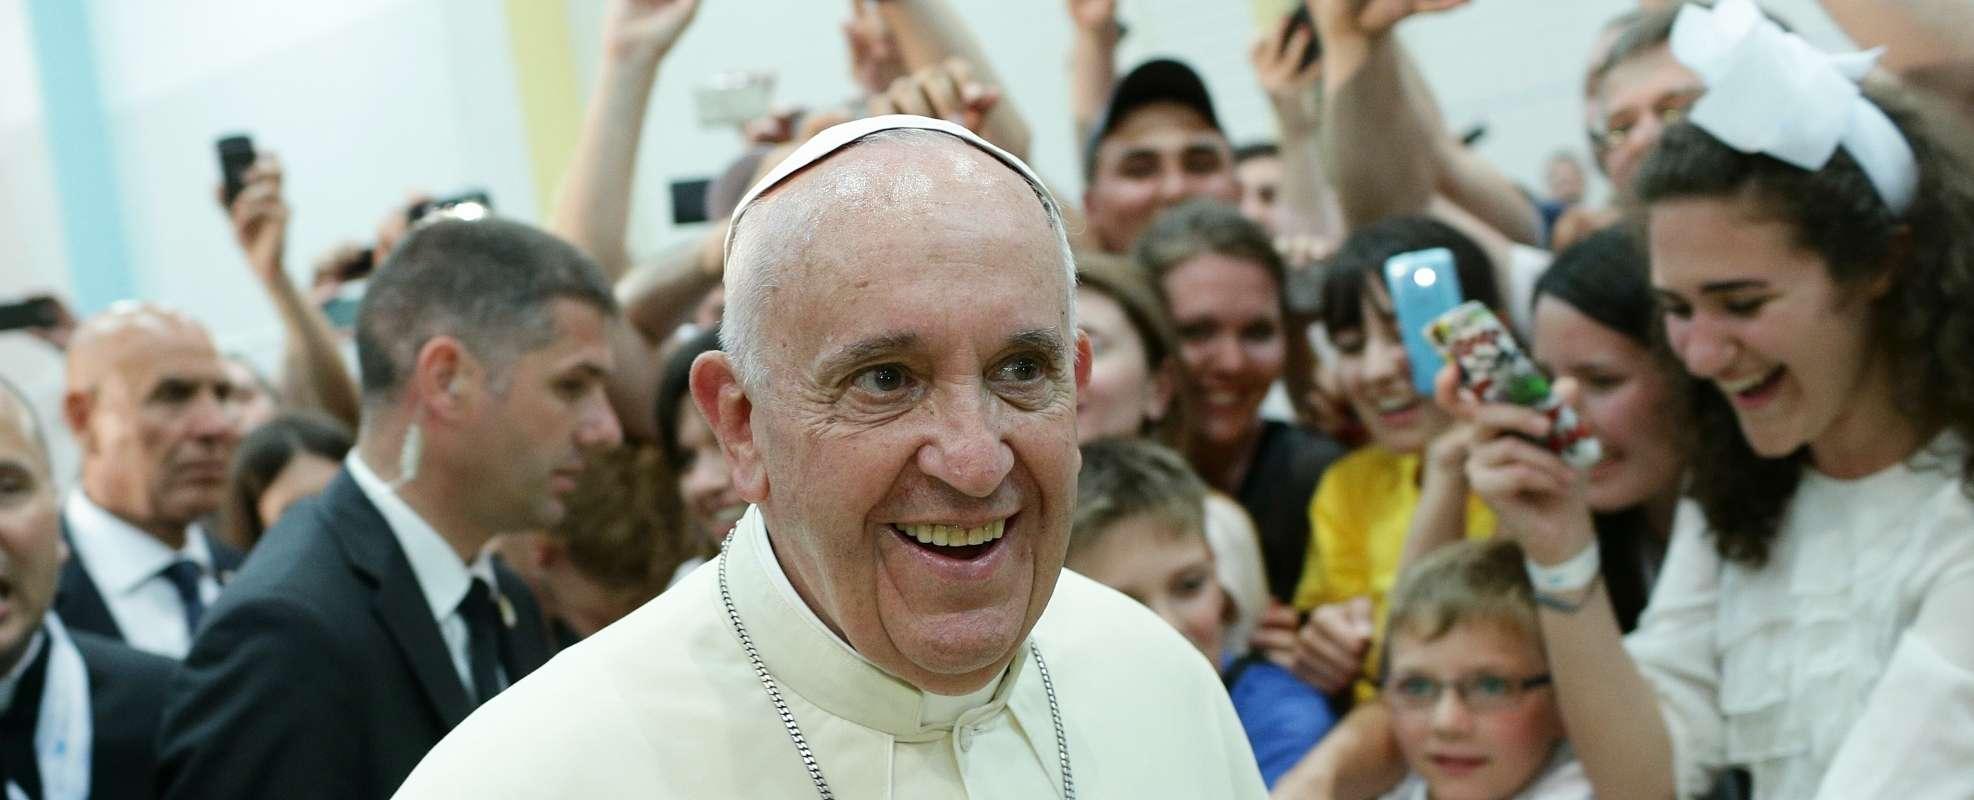 VIDEO: Poslušajte poruku Pape Franje o obitelji i braku